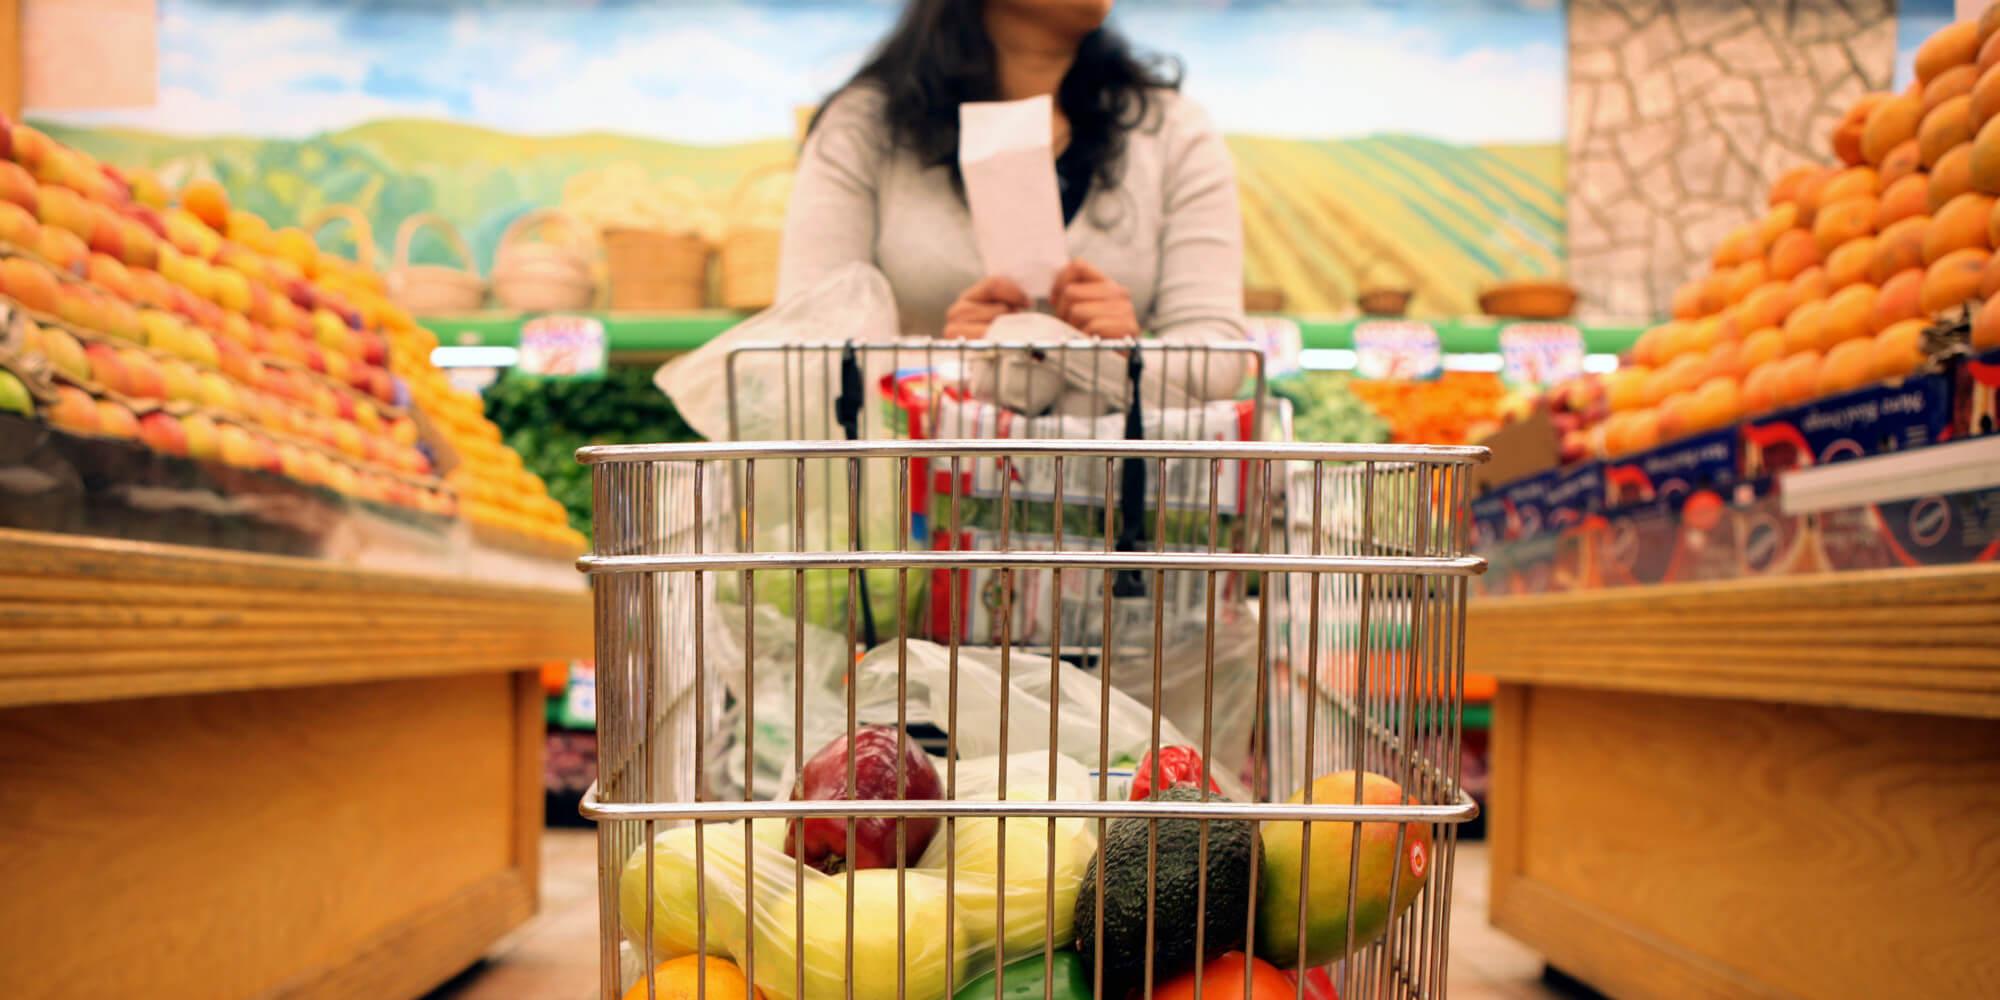 Offener Supermarkt In Der Nähe